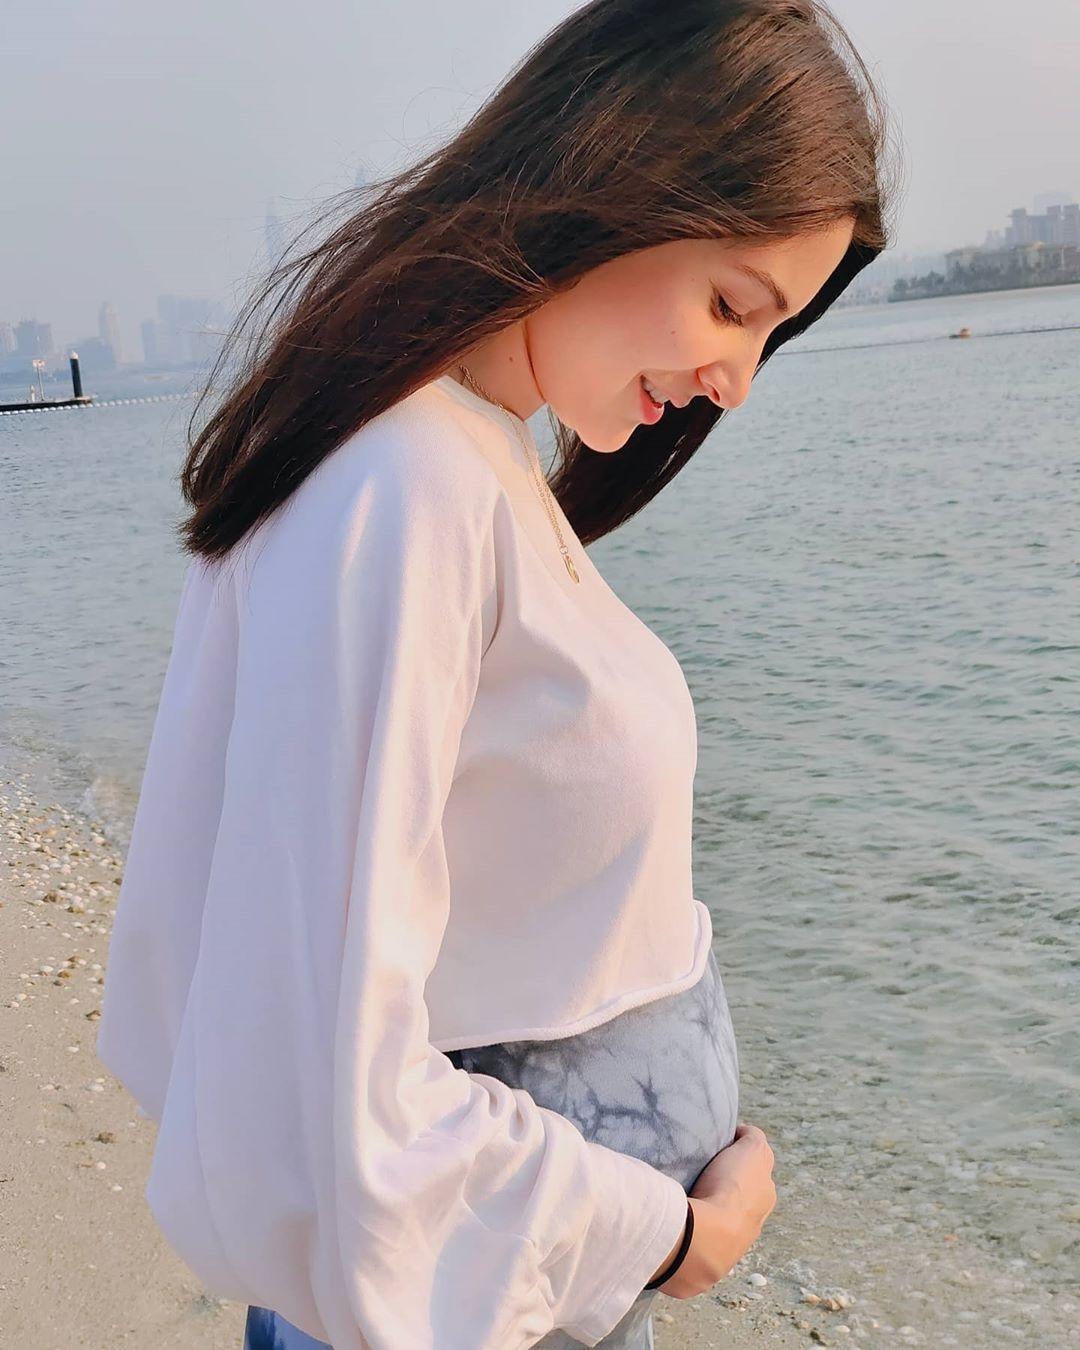 Anushka Sharma bikini pregnancy